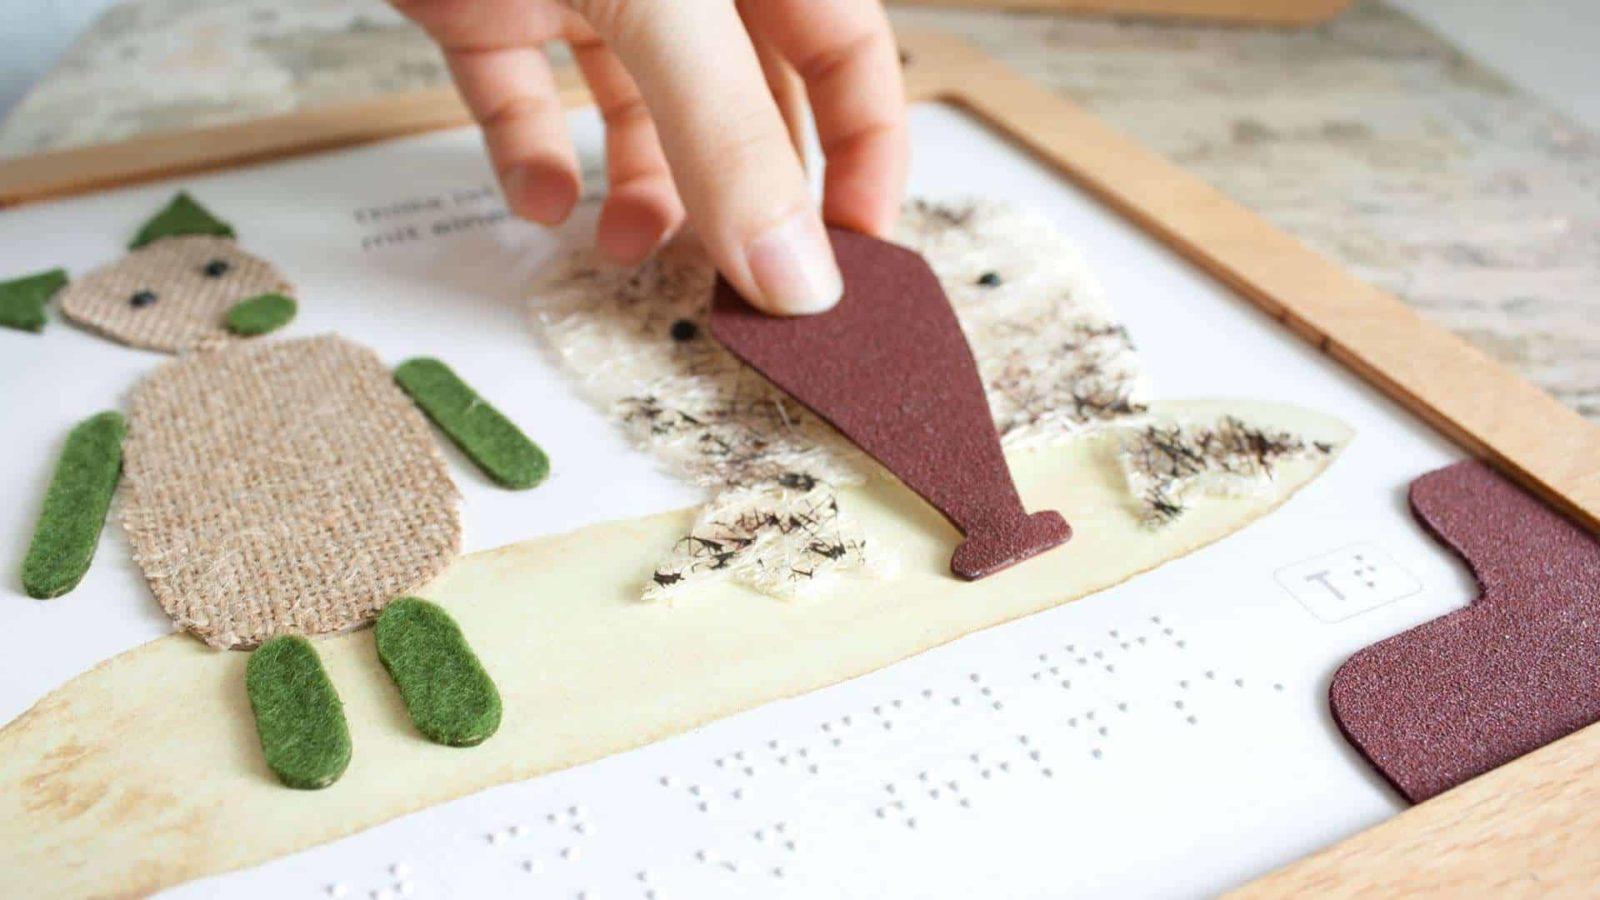 Eine Hand puzzelt Thillas Nase an die richtige Stelle. Sie ist mit Klettverschluss befestigt und kann Fjorre anprobiert werden.